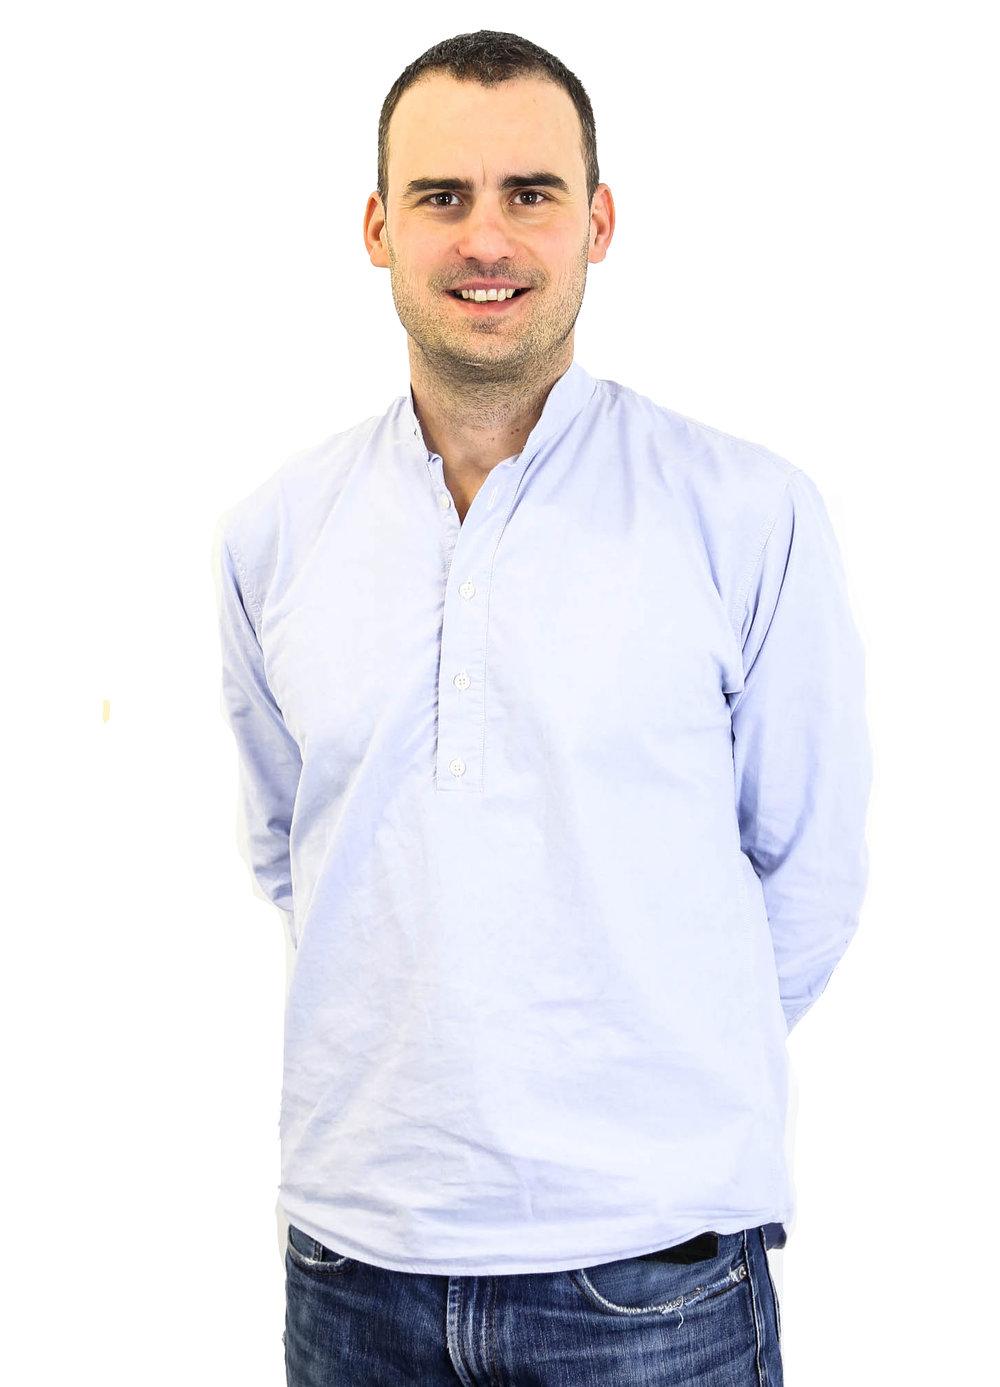 Luka Melon